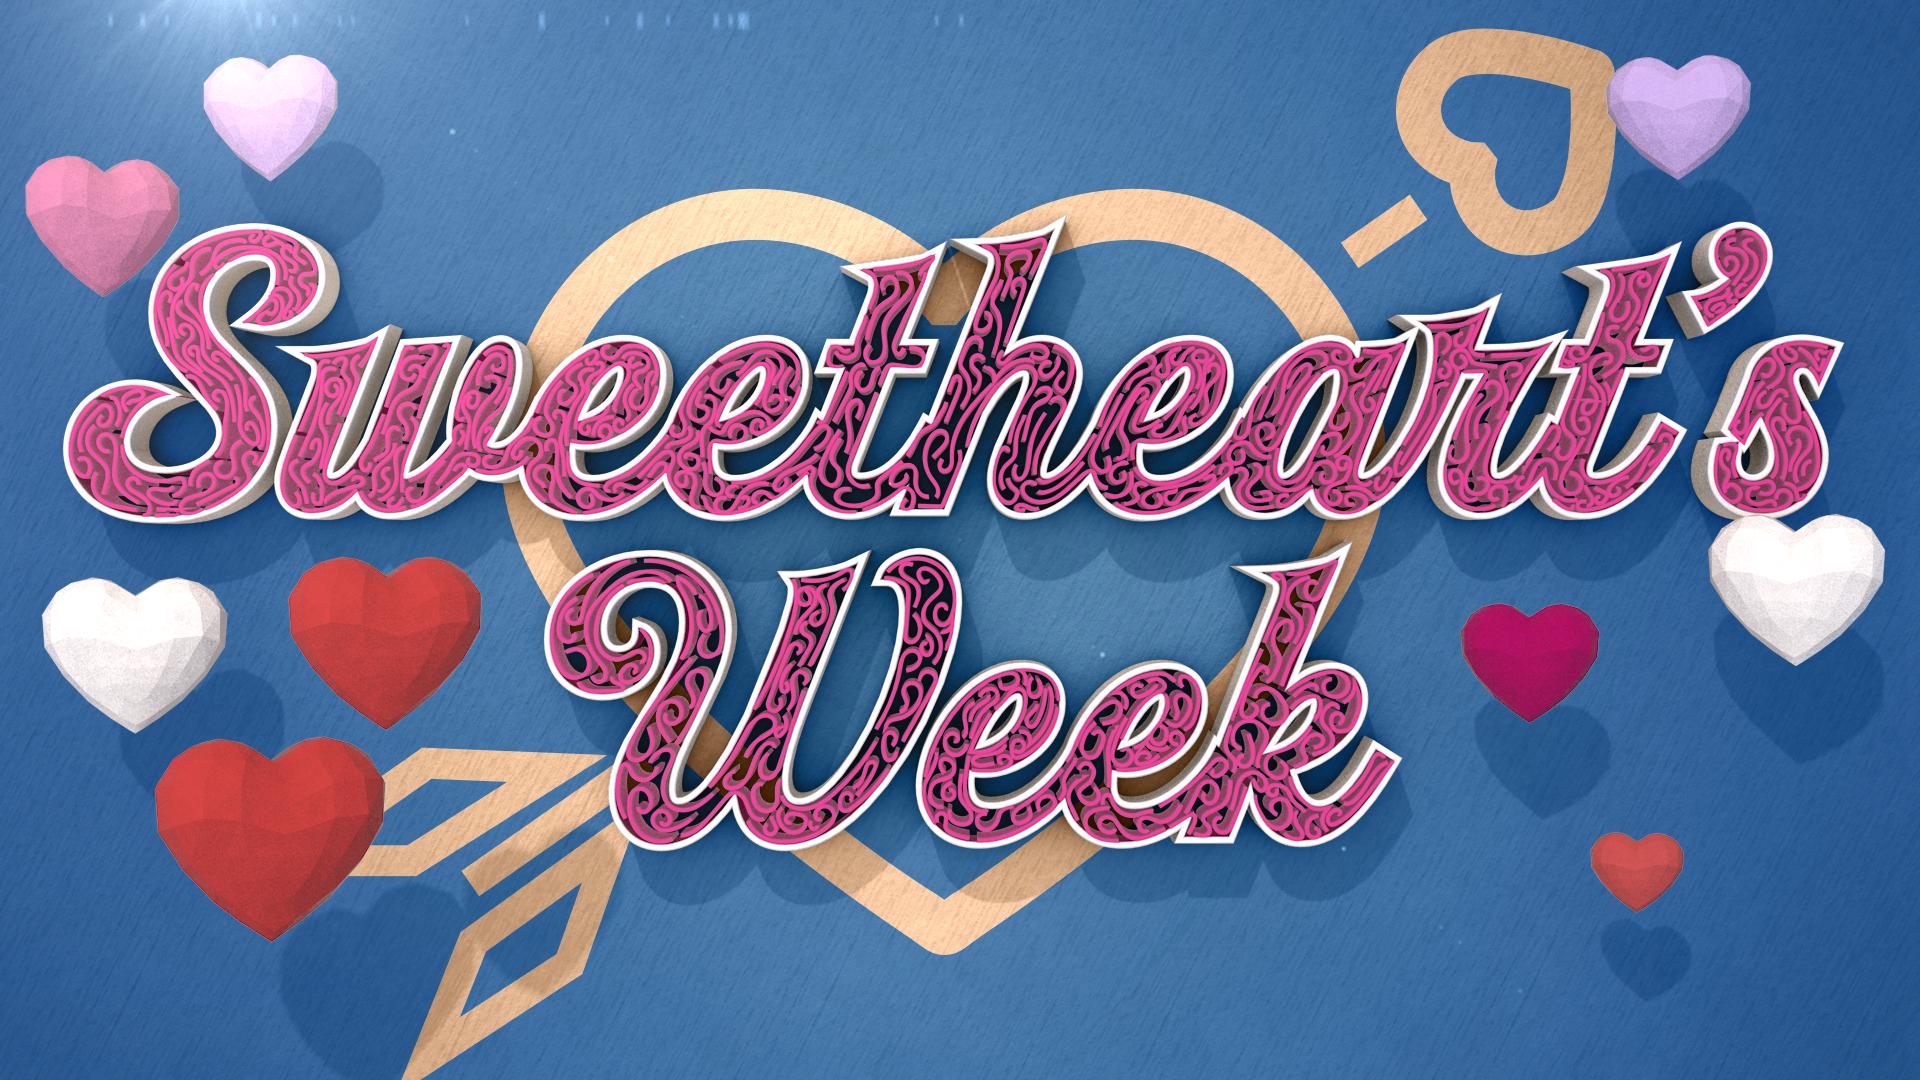 Sweethearts_v7.png